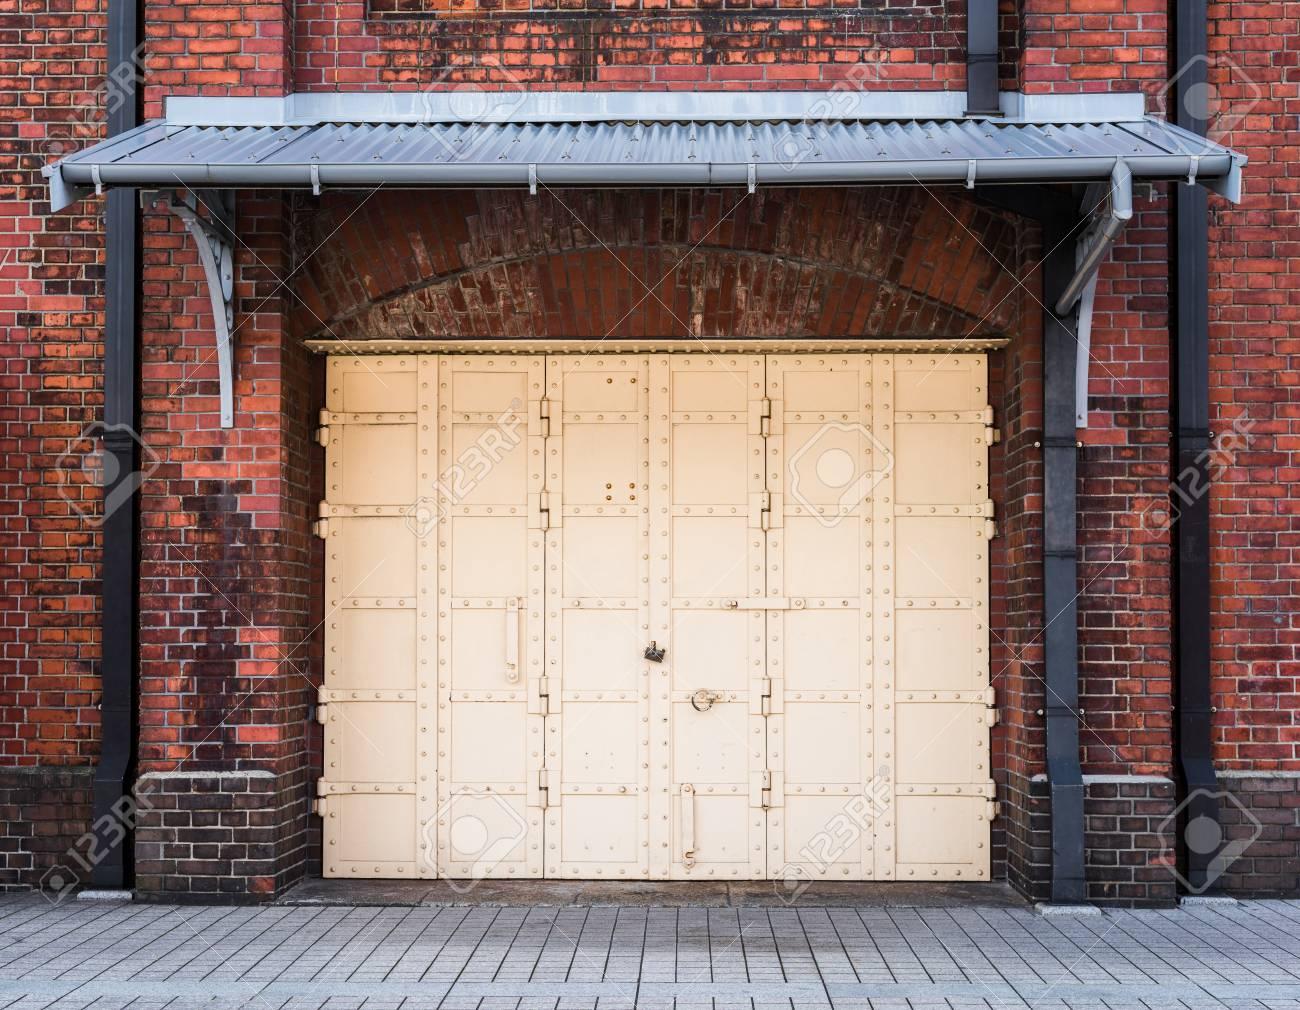 steel Door in a red brick wall background - 35689692